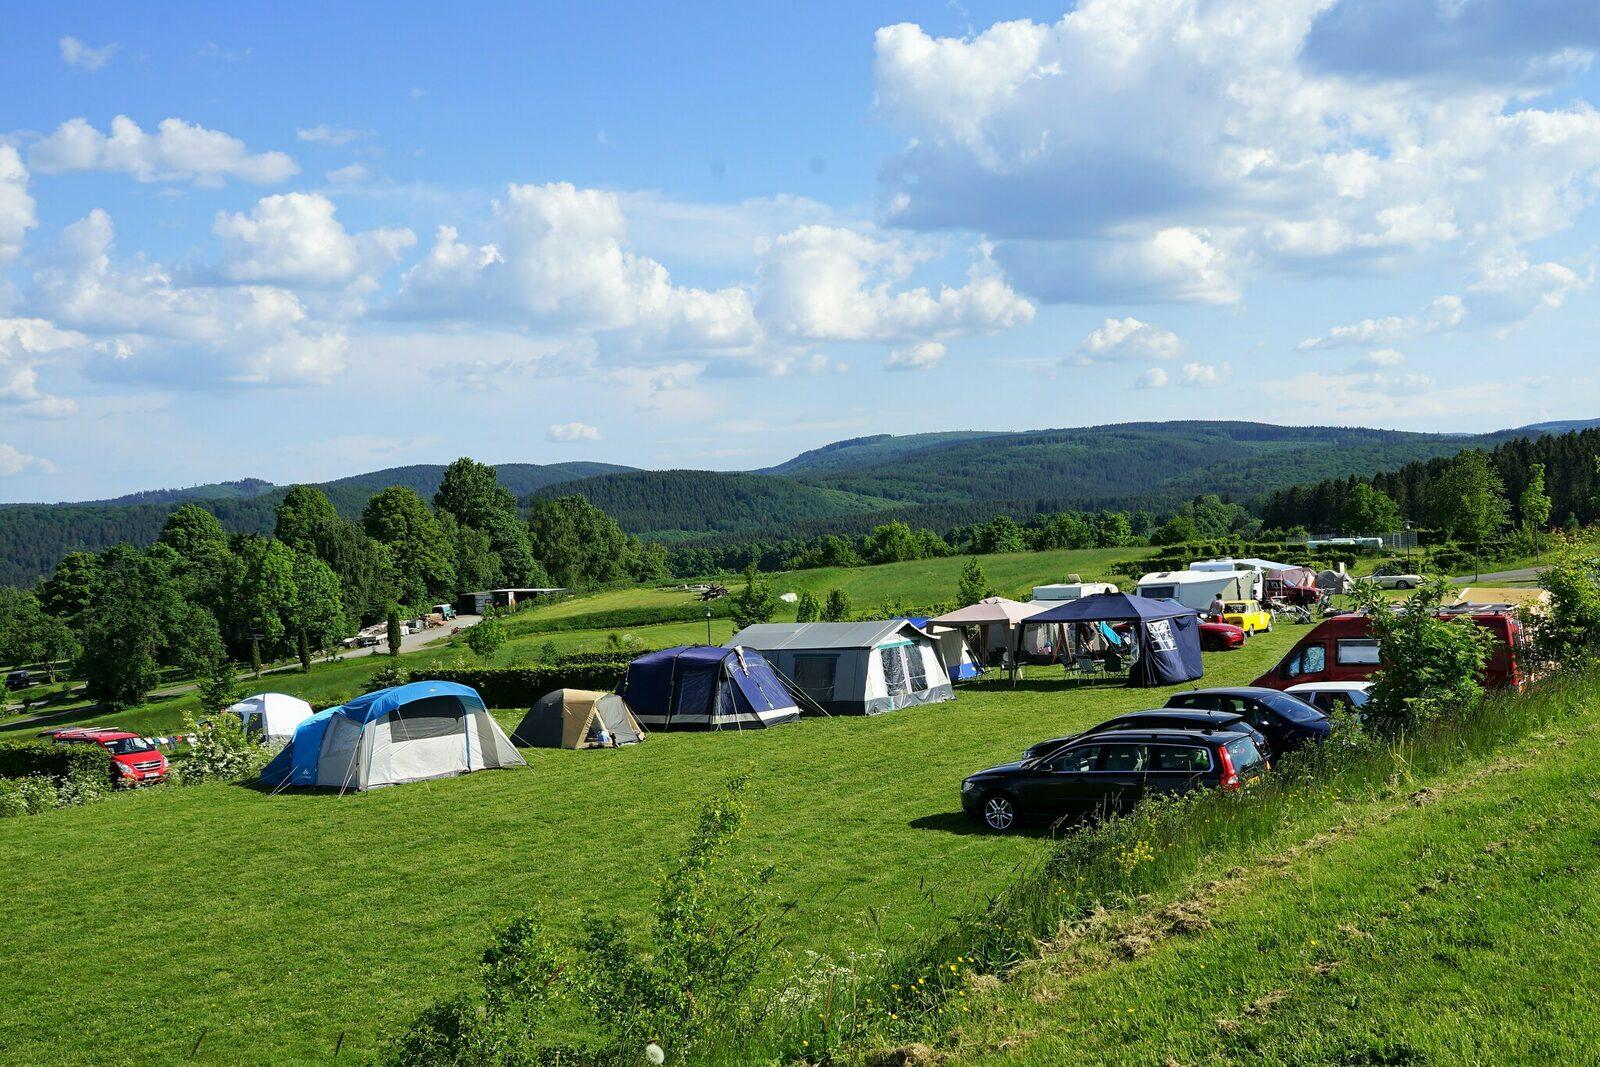 Categorie A - Natuurplaats tent/vouwwagen